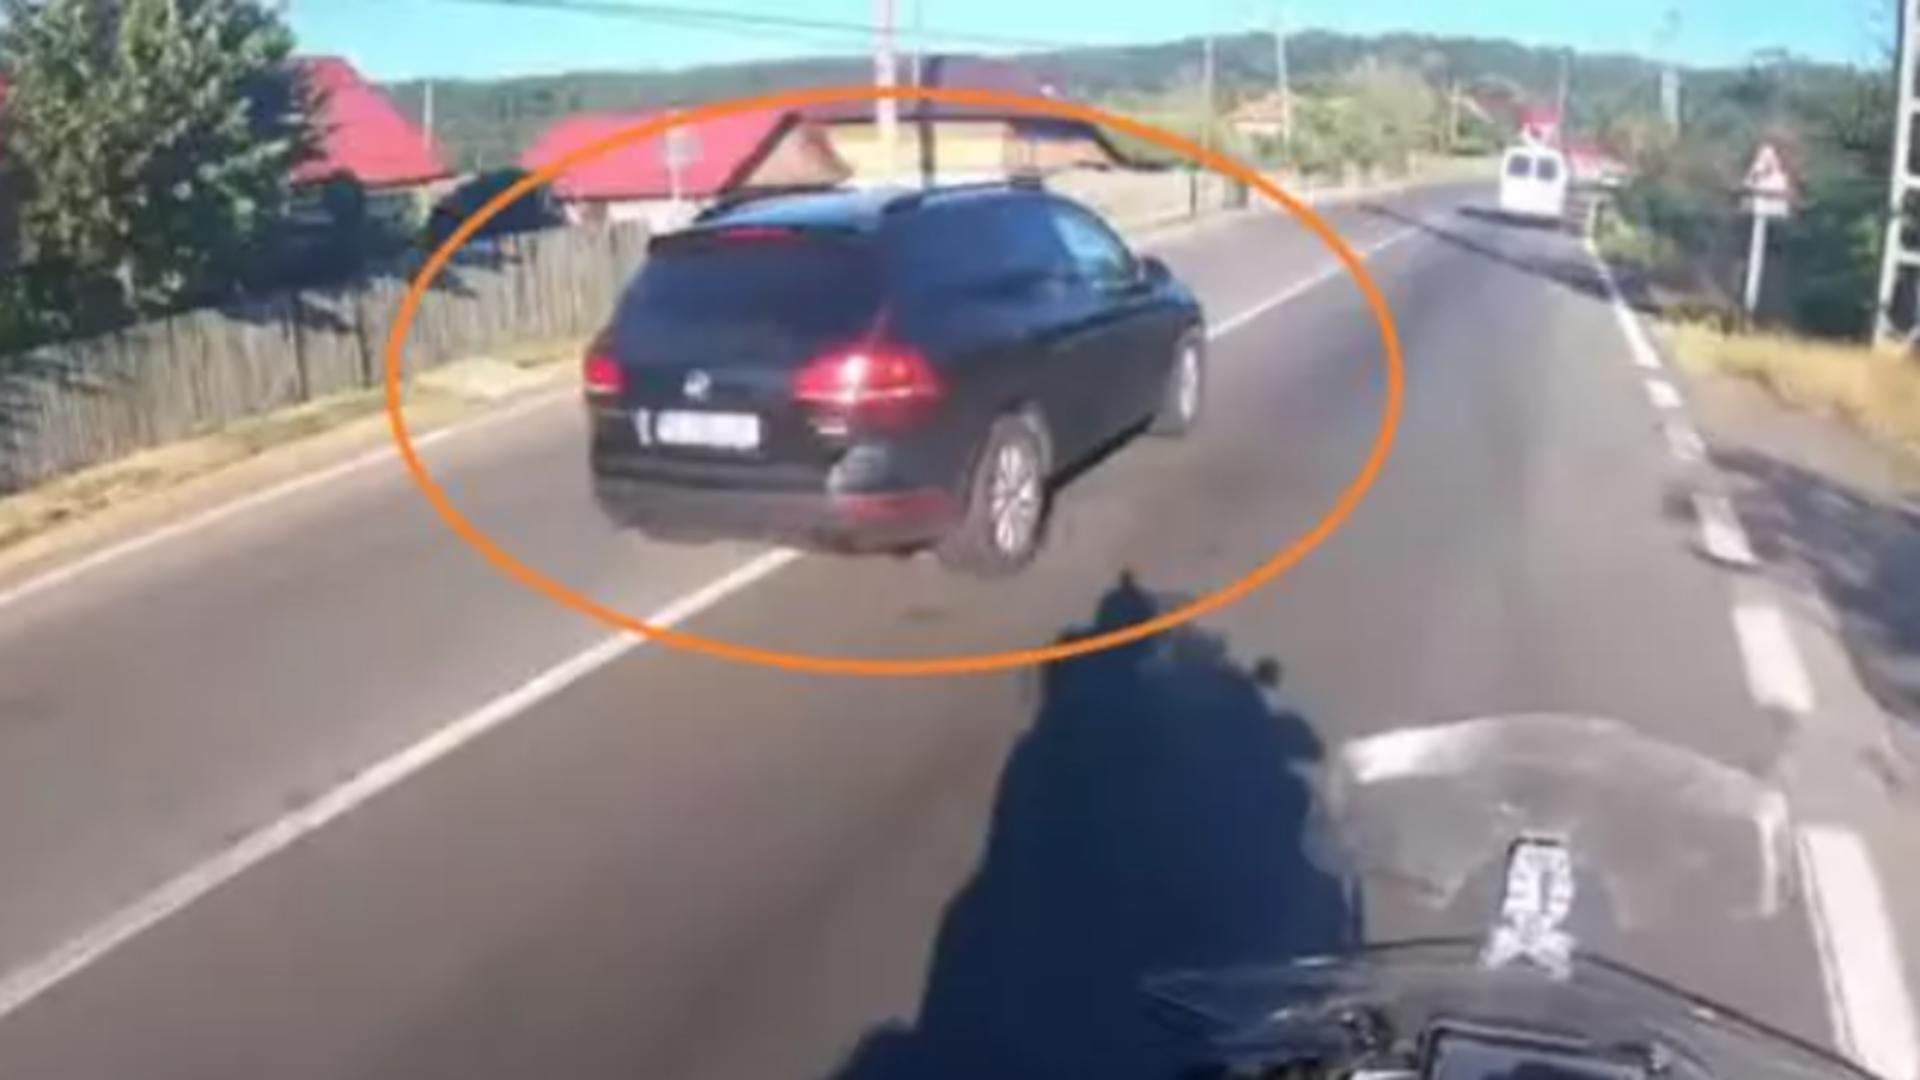 Mașină implicată în accidentul din 30 august 2020, în care se afla ministrul Lucian Bode / Captură foto